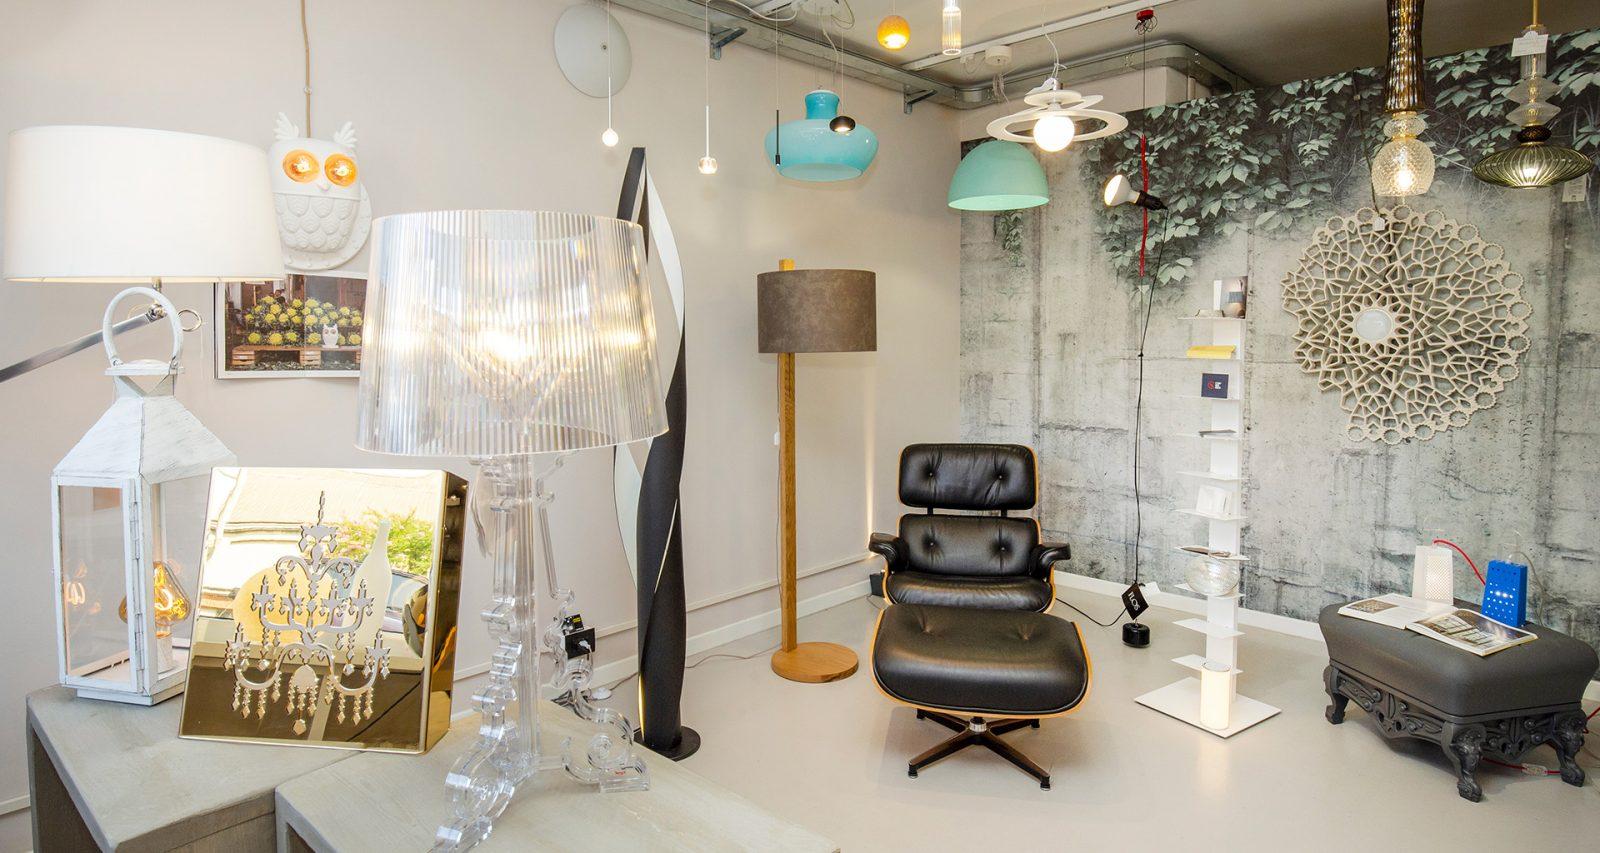 Gli showroom di Veglio dove vedere dal vivo lampadari, plafoniere e tutto il meglio dell'illuminazione Torino 2